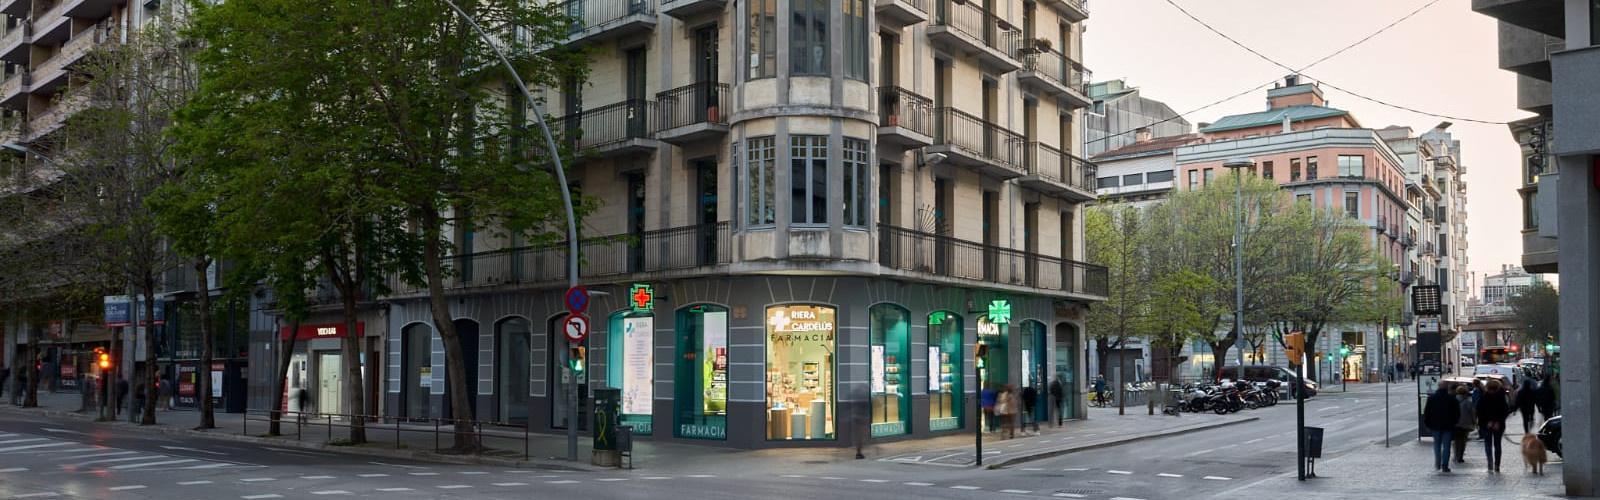 """<p><strong><span style=""""color:#FFFFFF;""""><span style=""""font-size:24px;"""">Farmàcia RIERA CARDELÚS, al centre de Girona.</span></span></strong></p>  <p><span style=""""color:#FFFFFF;""""><strong><span style=""""font-size:24px;"""">cantonada Gran Via"""